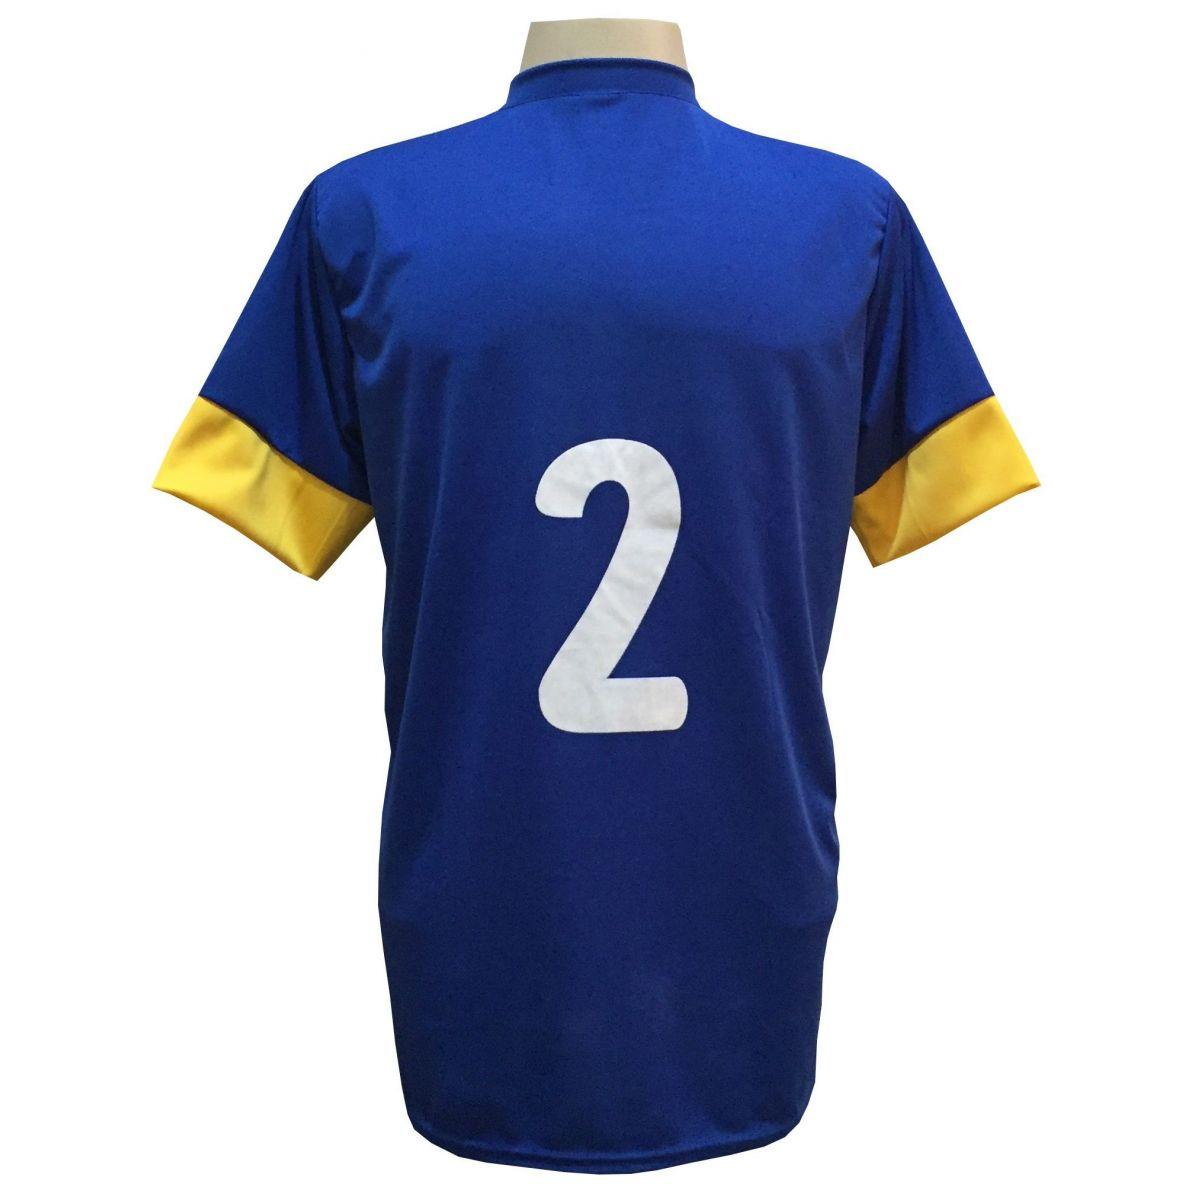 Fardamento Completo Modelo Columbus 18+1 (18 Camisas Royal/Amarelo + 18 Calções Madrid Royal + 18 Pares de Meiões Amarelos + 1 Conjunto de Goleiro) + Brindes